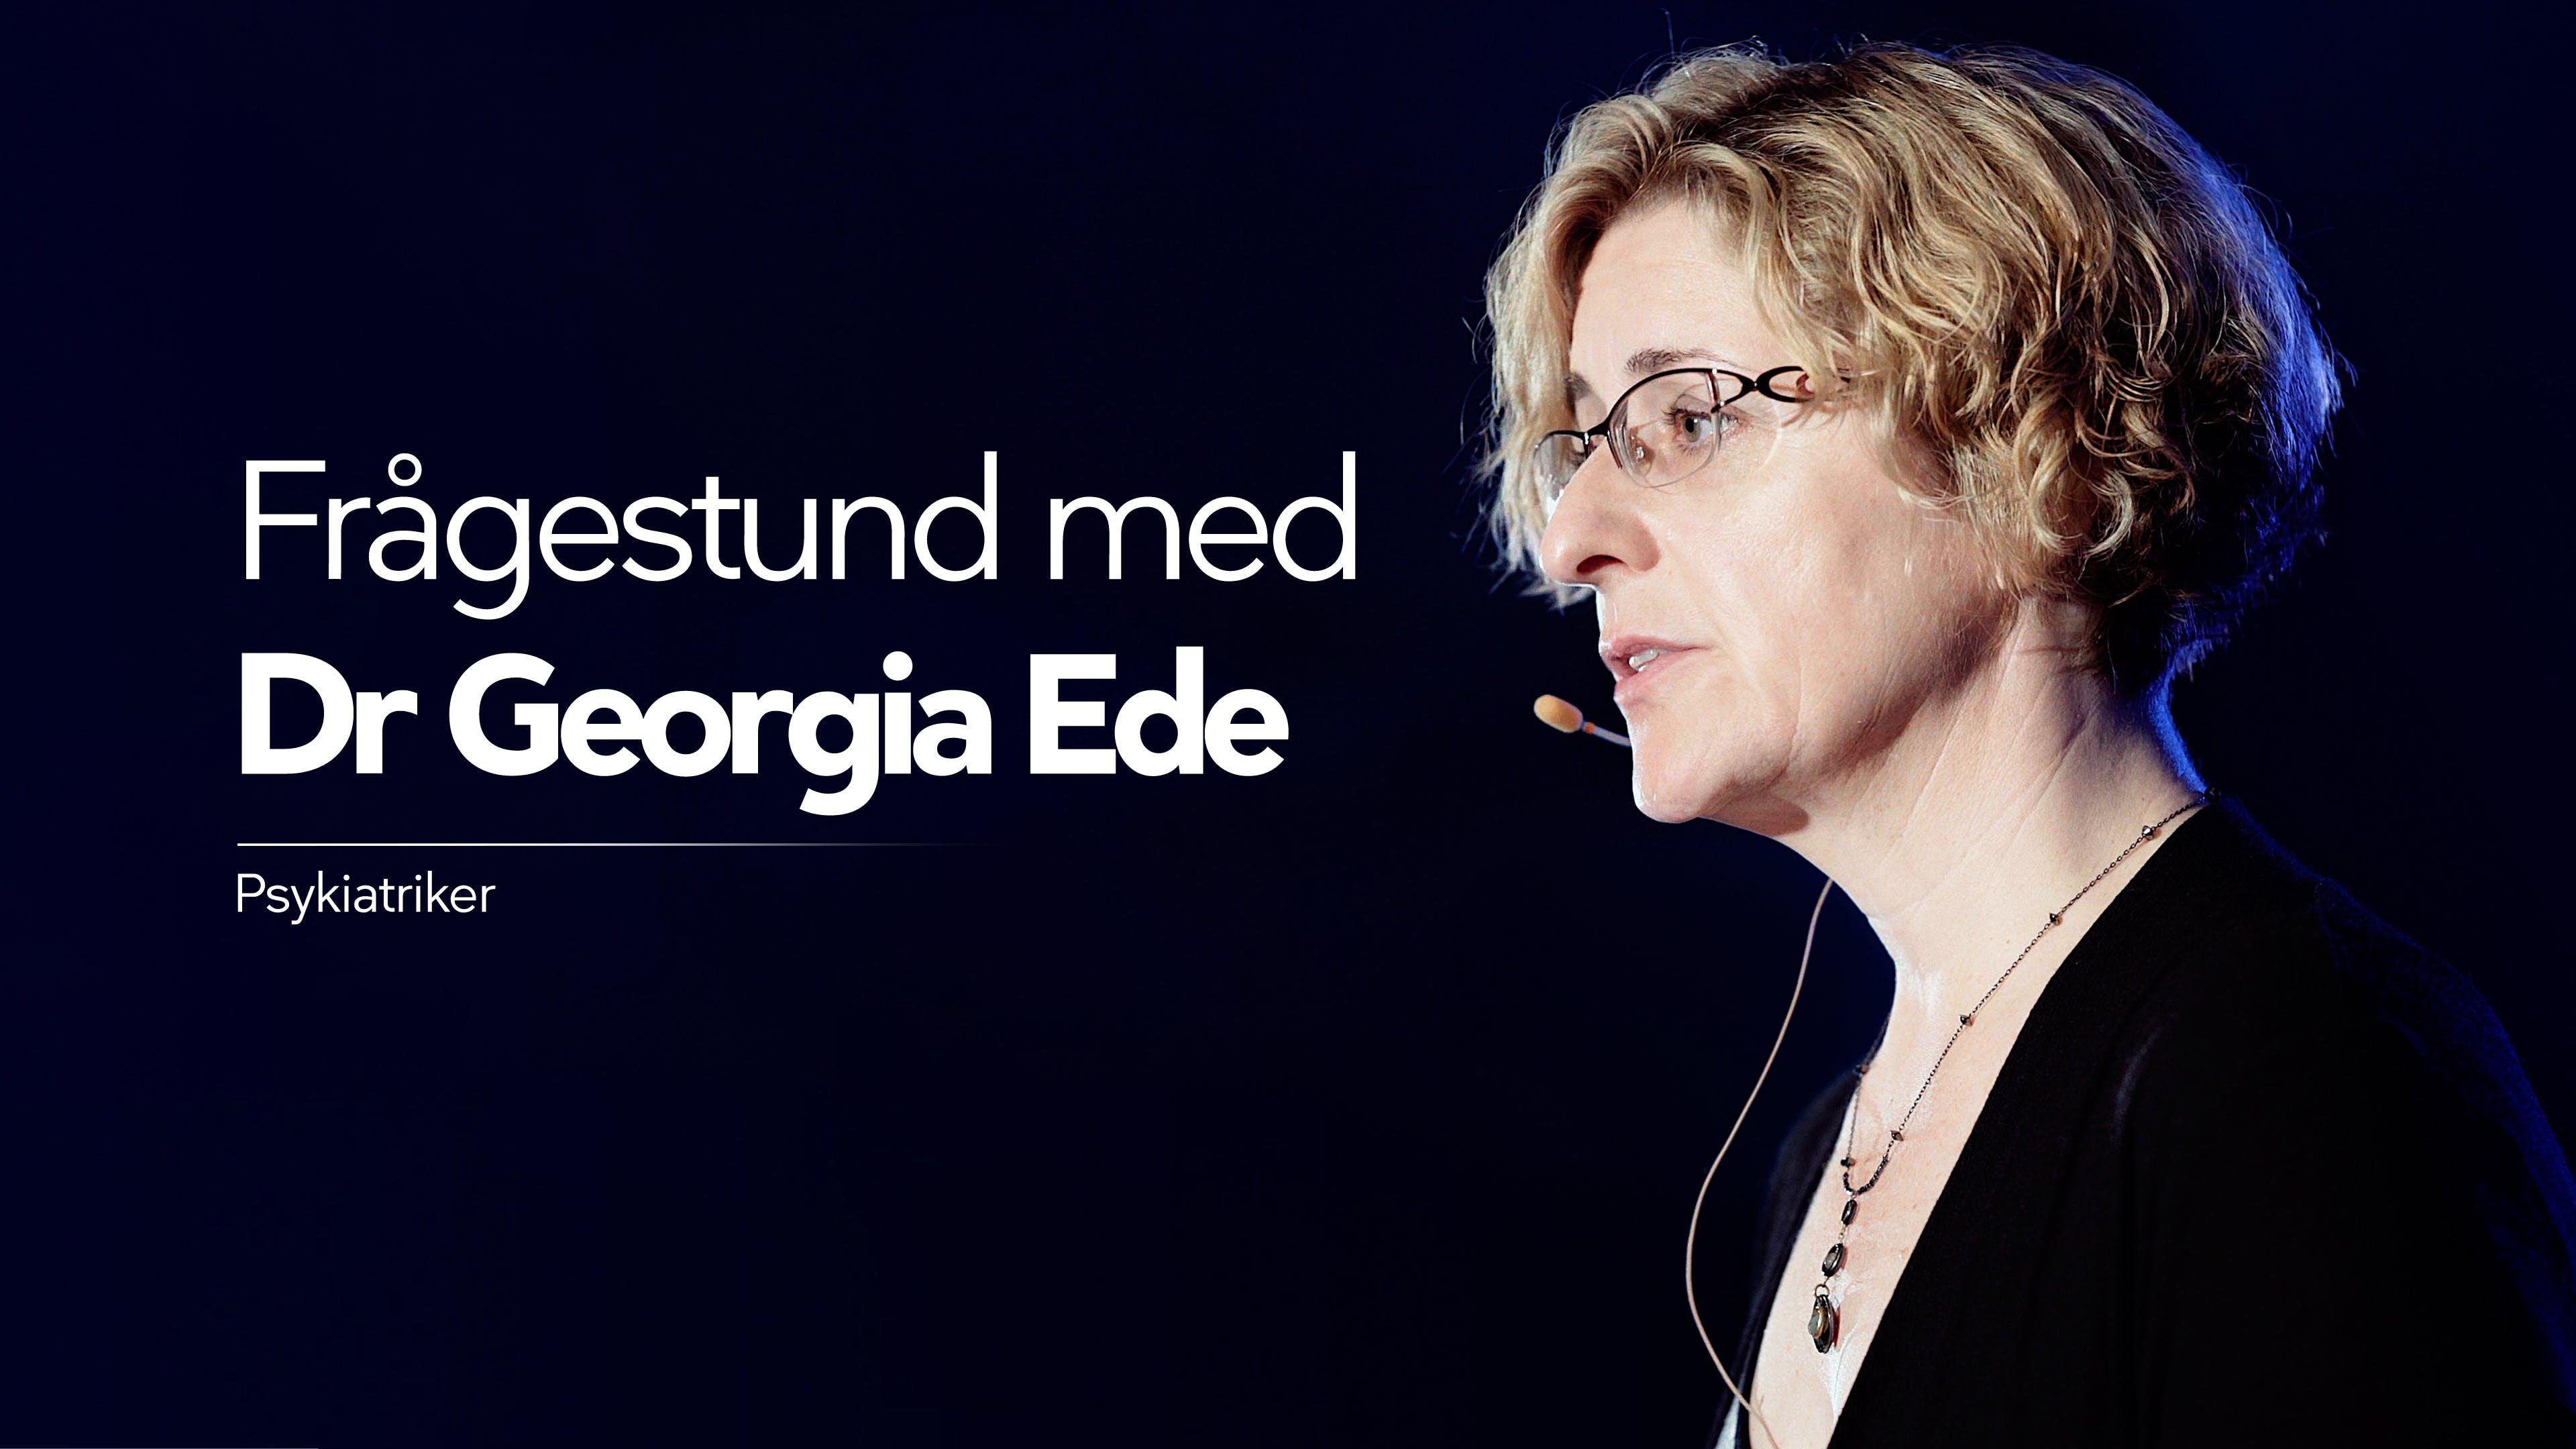 Frågestund med dr Georgia Ede